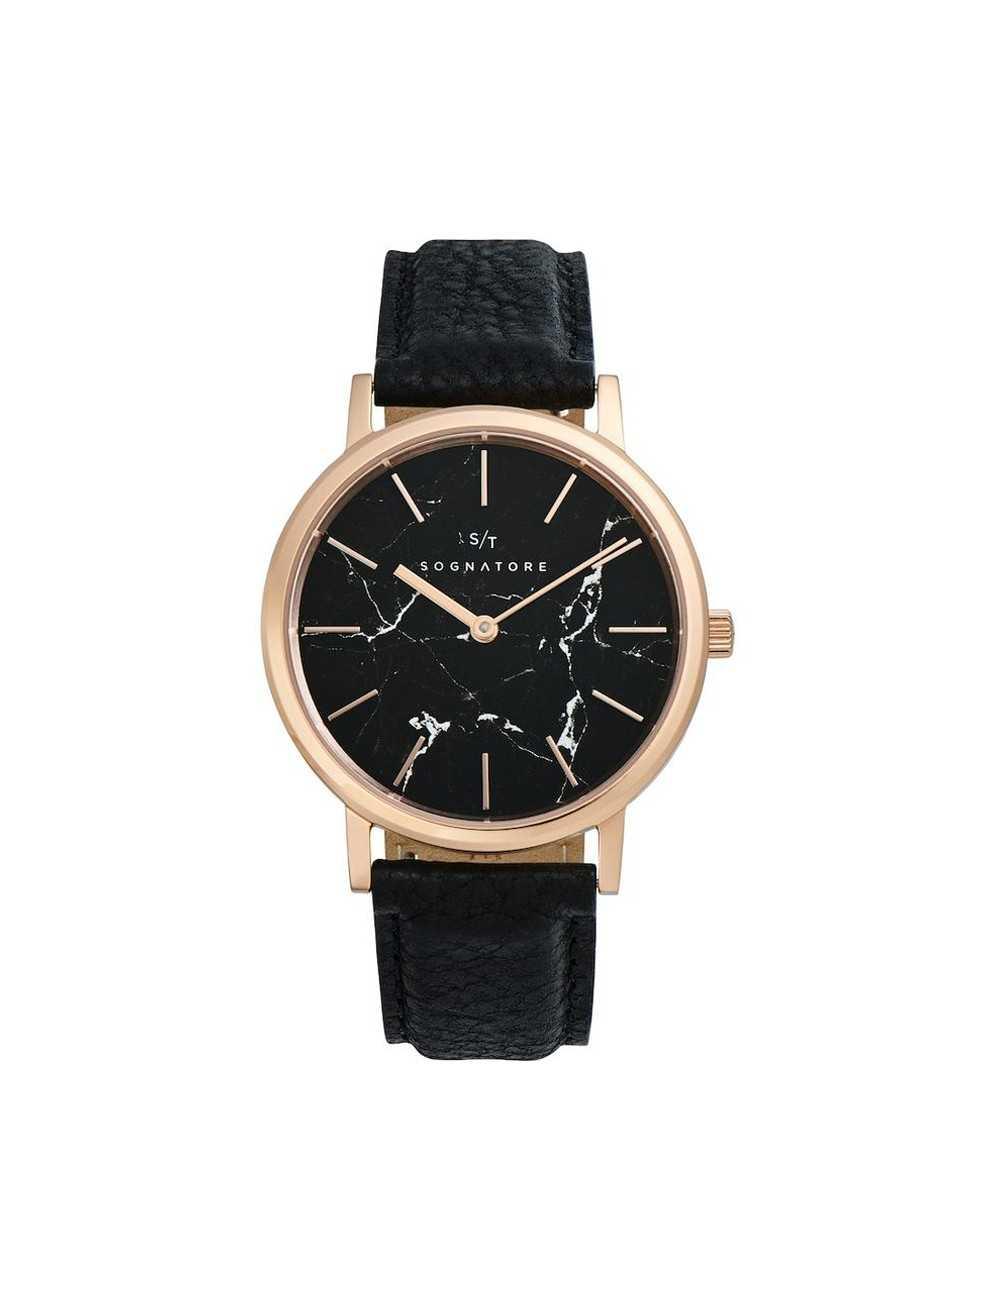 Dámske / pánske hodinky Sognatore Marble Black Rose Gold